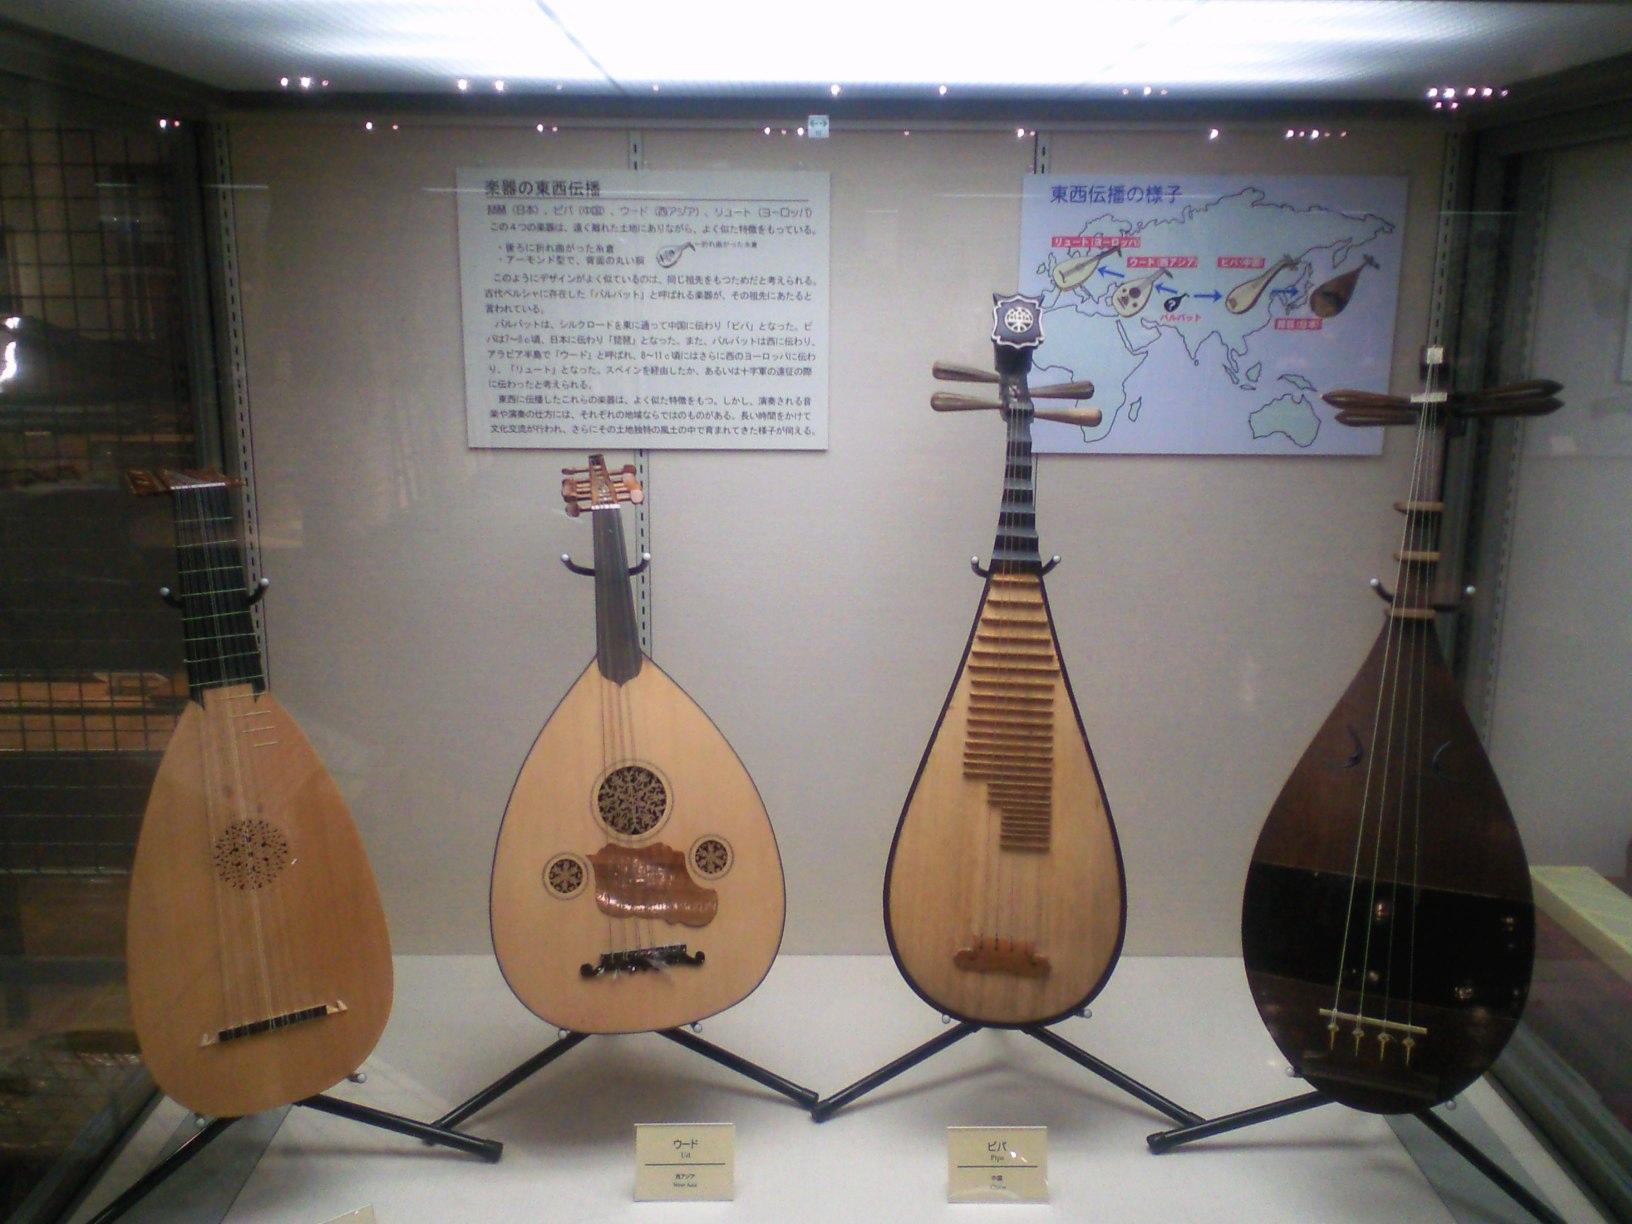 浜松楽器博物館 2_d0077106_1753495.jpg